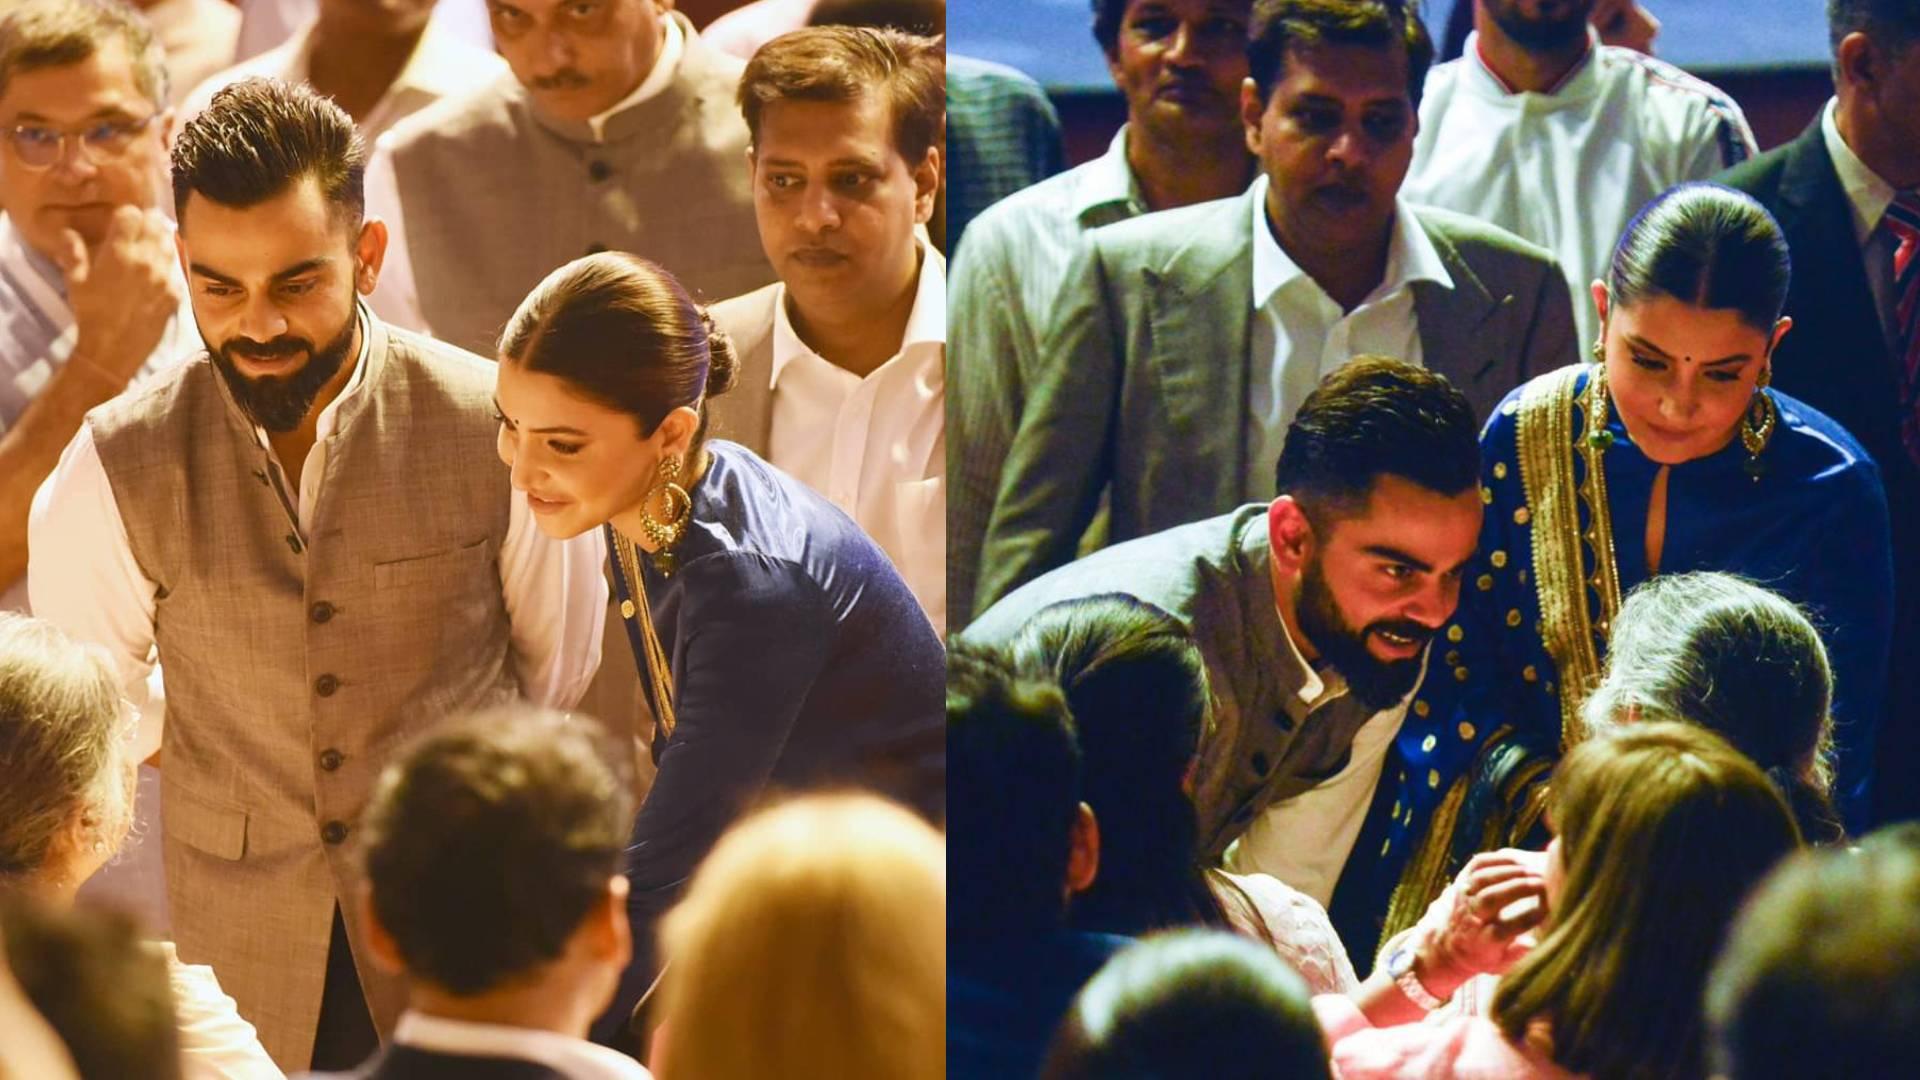 विराट कोहली की जिंदगी का ये किस्सा सुन इमोशनल हुईं अनुष्का शर्मा, पति का हाथ पकड़ यूं किया KISS, वीडियो वायरल